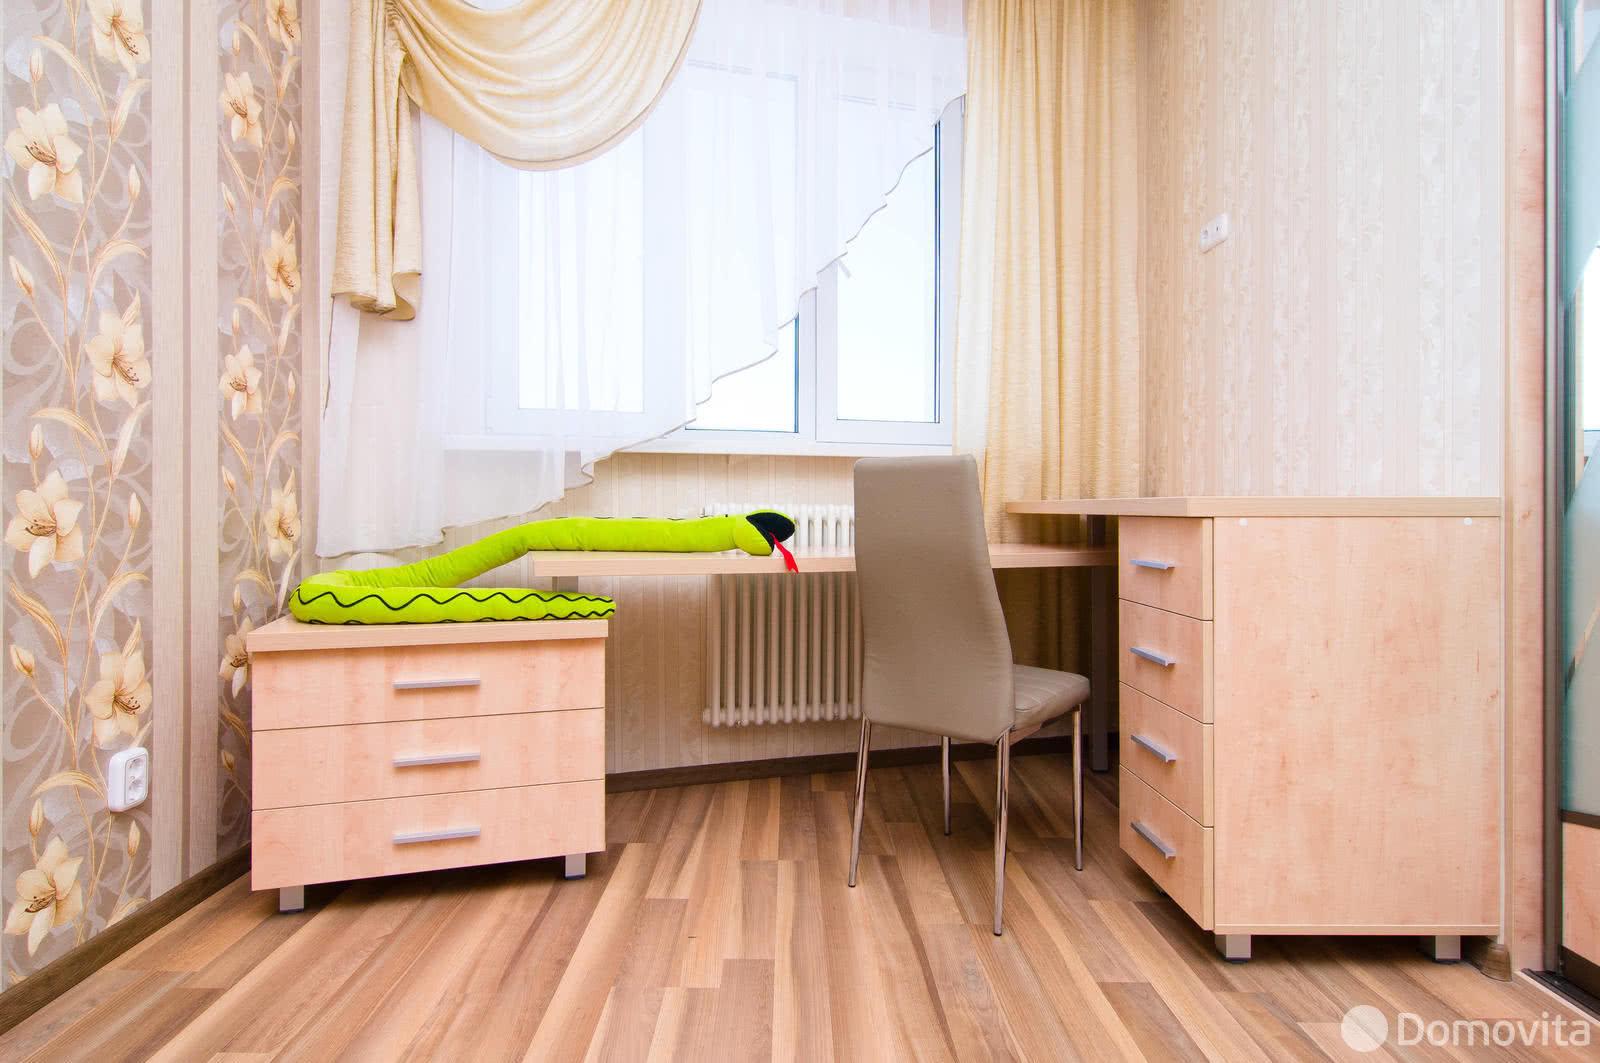 2-комнатная квартира на сутки в Минске, ул. Неманская, д. 6 - фото 5